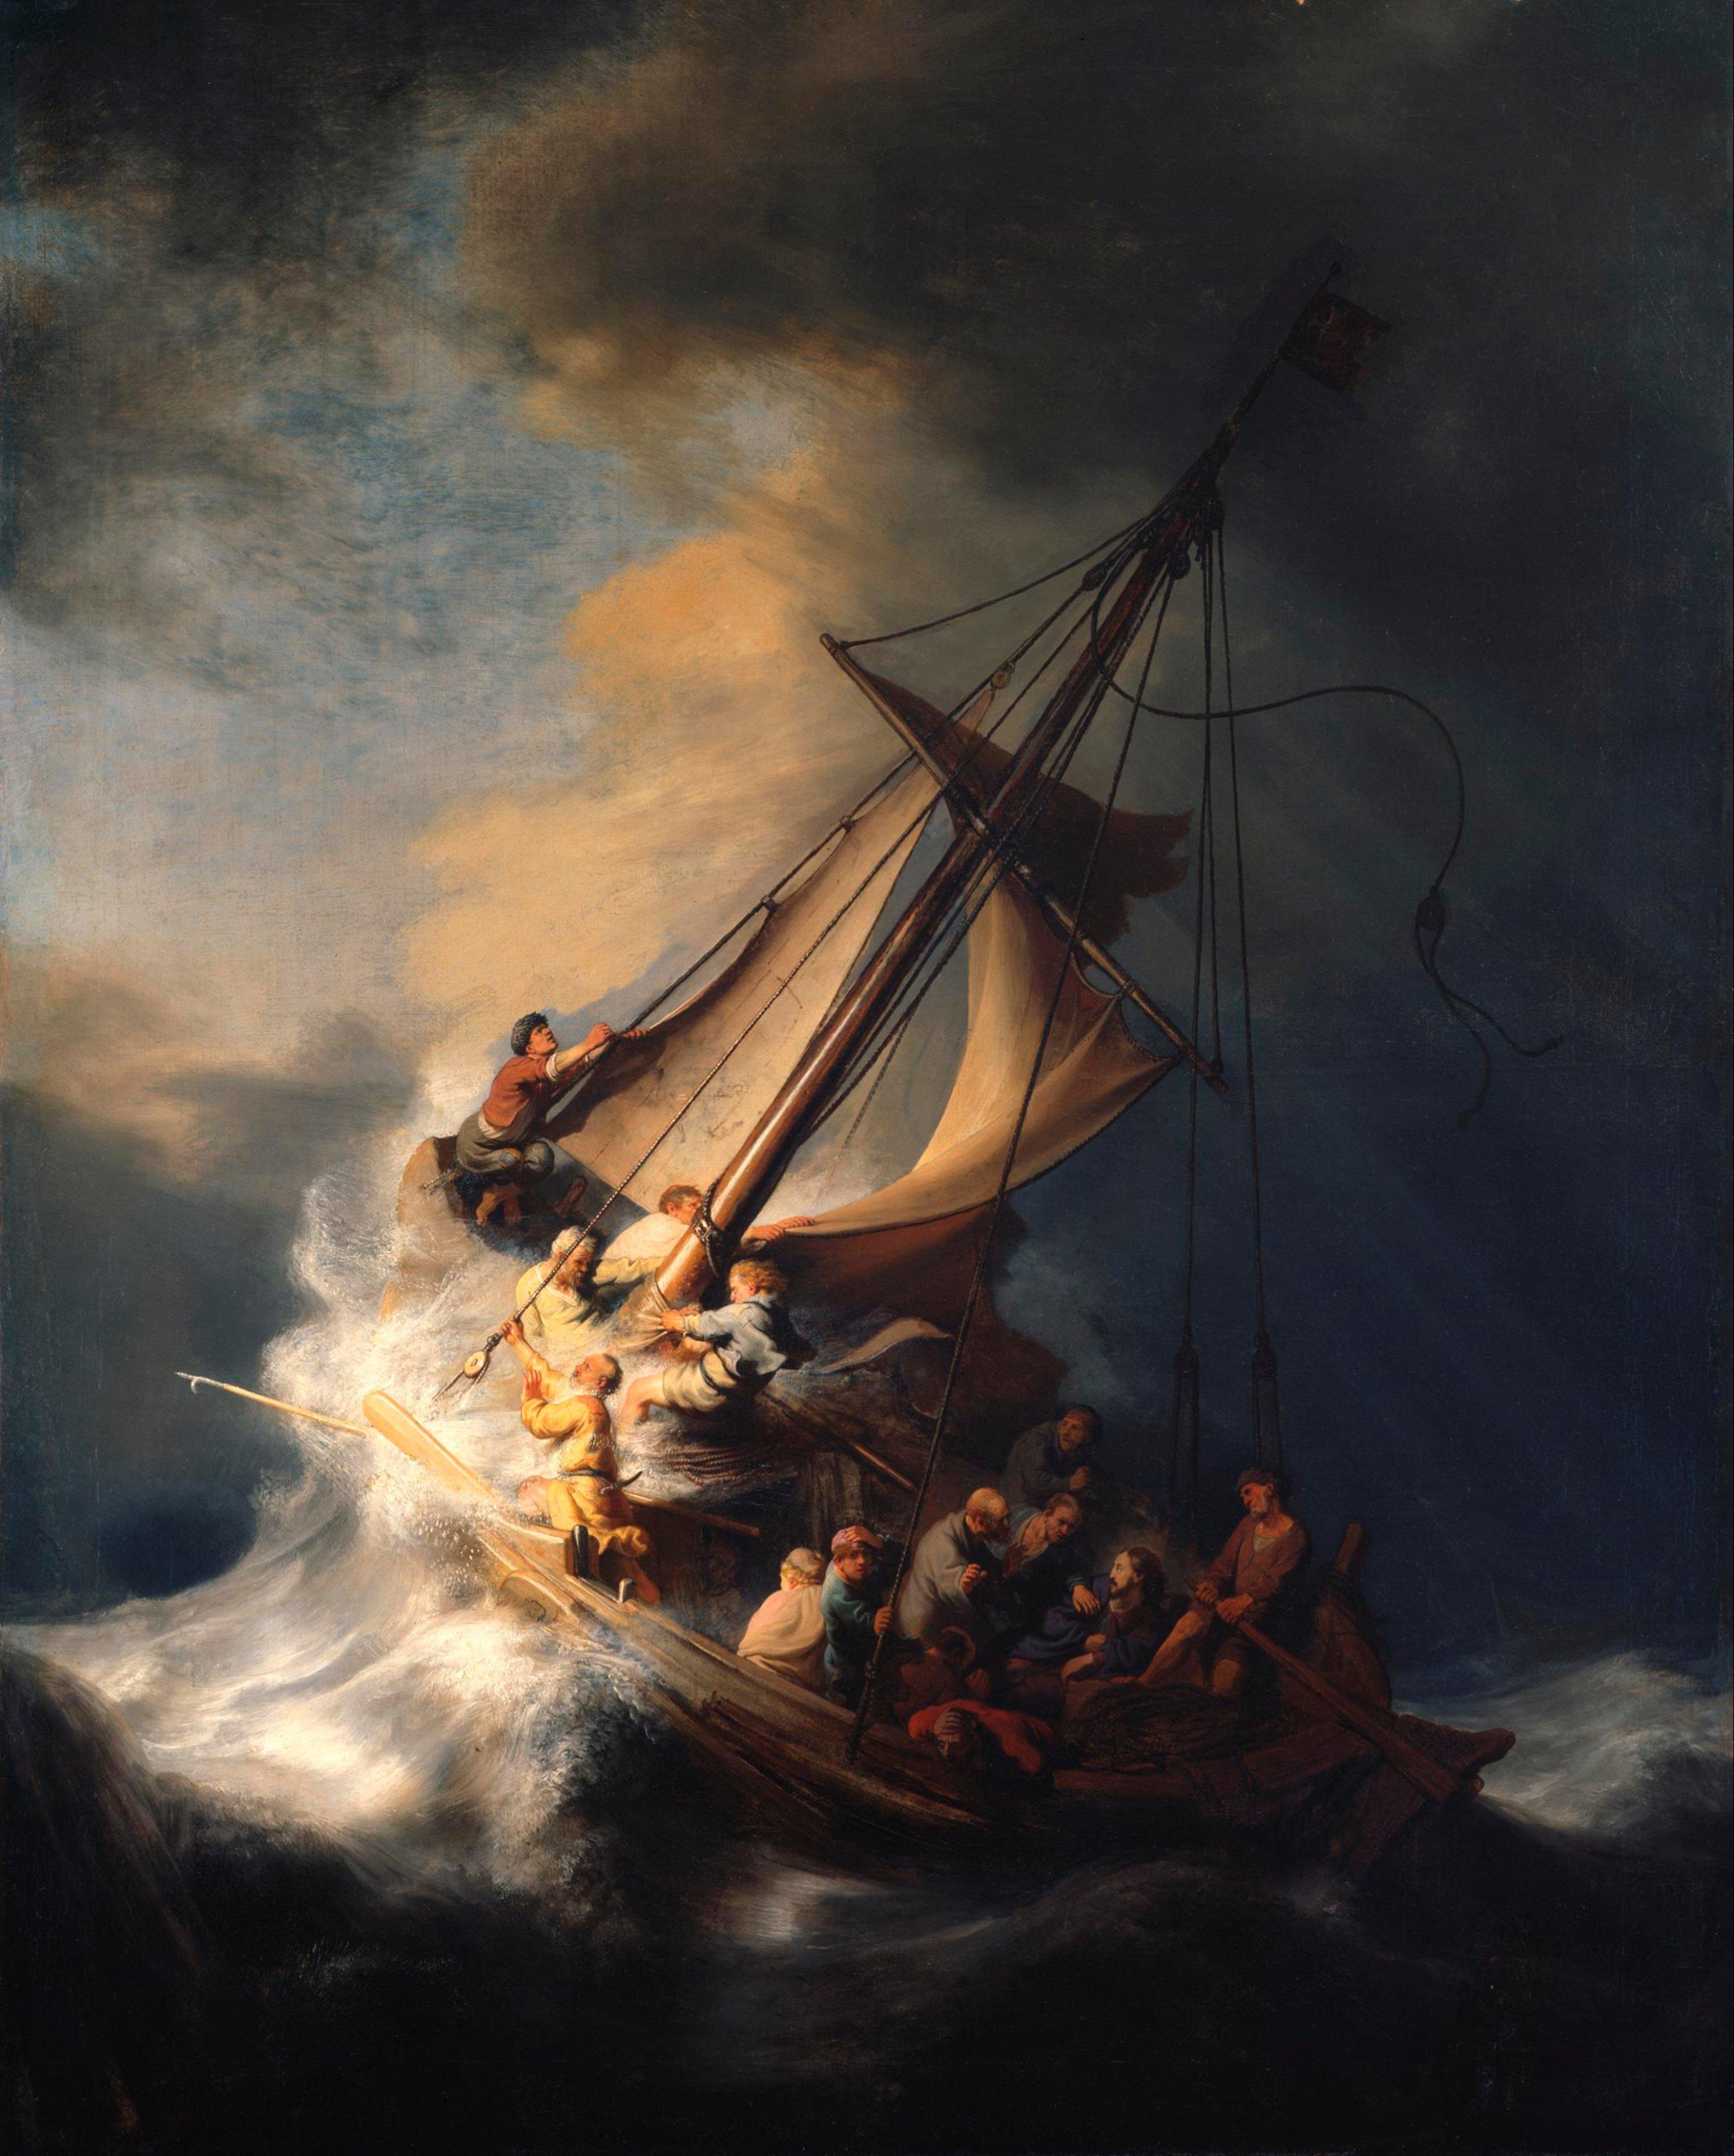 Jesus Cristo com os apóstolos na barca